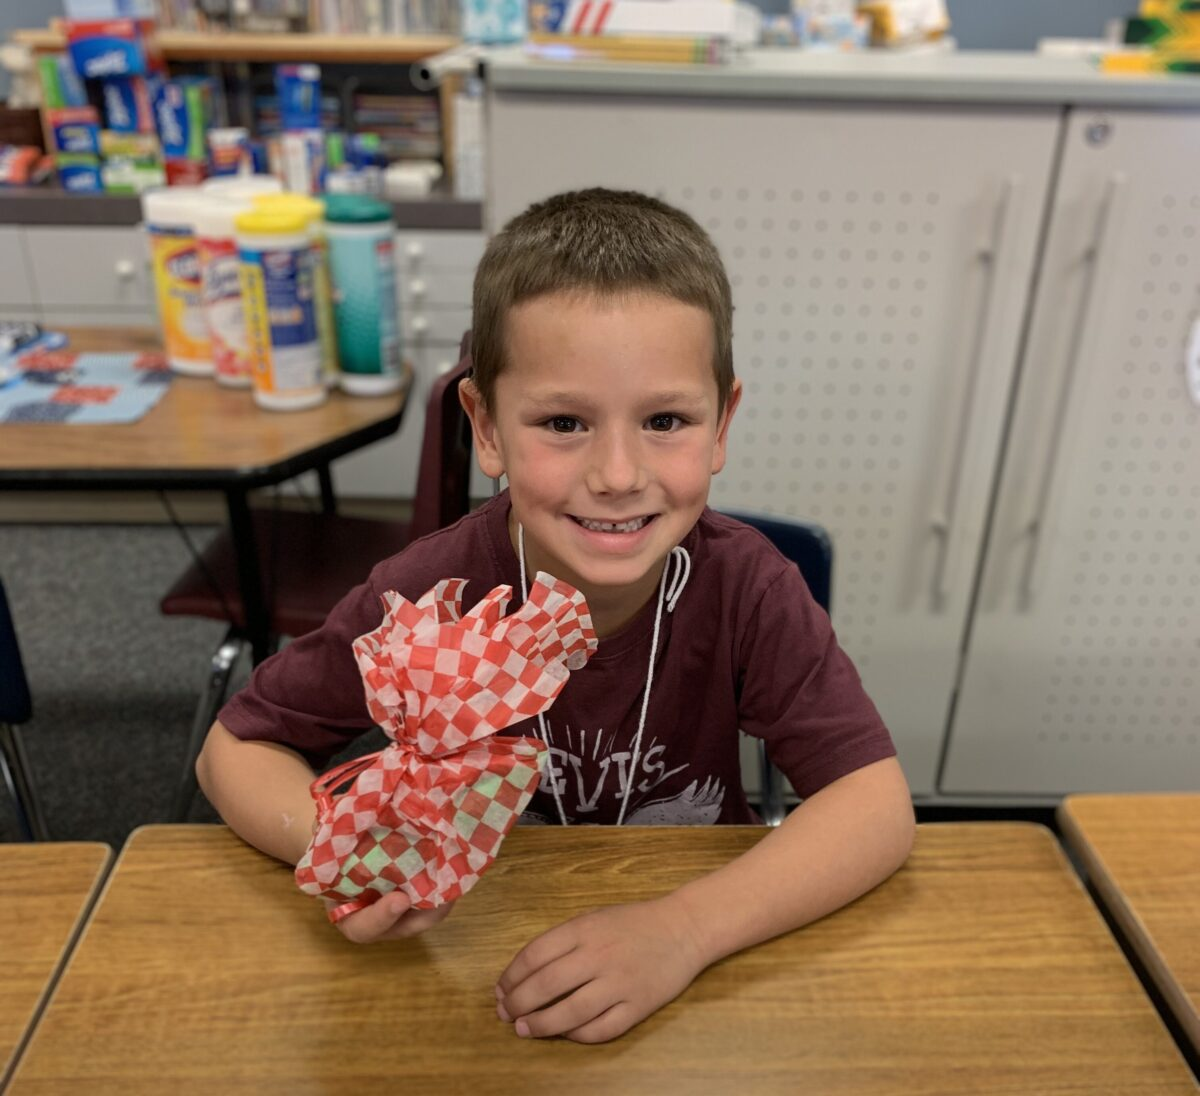 Little boy at desk in school classroom